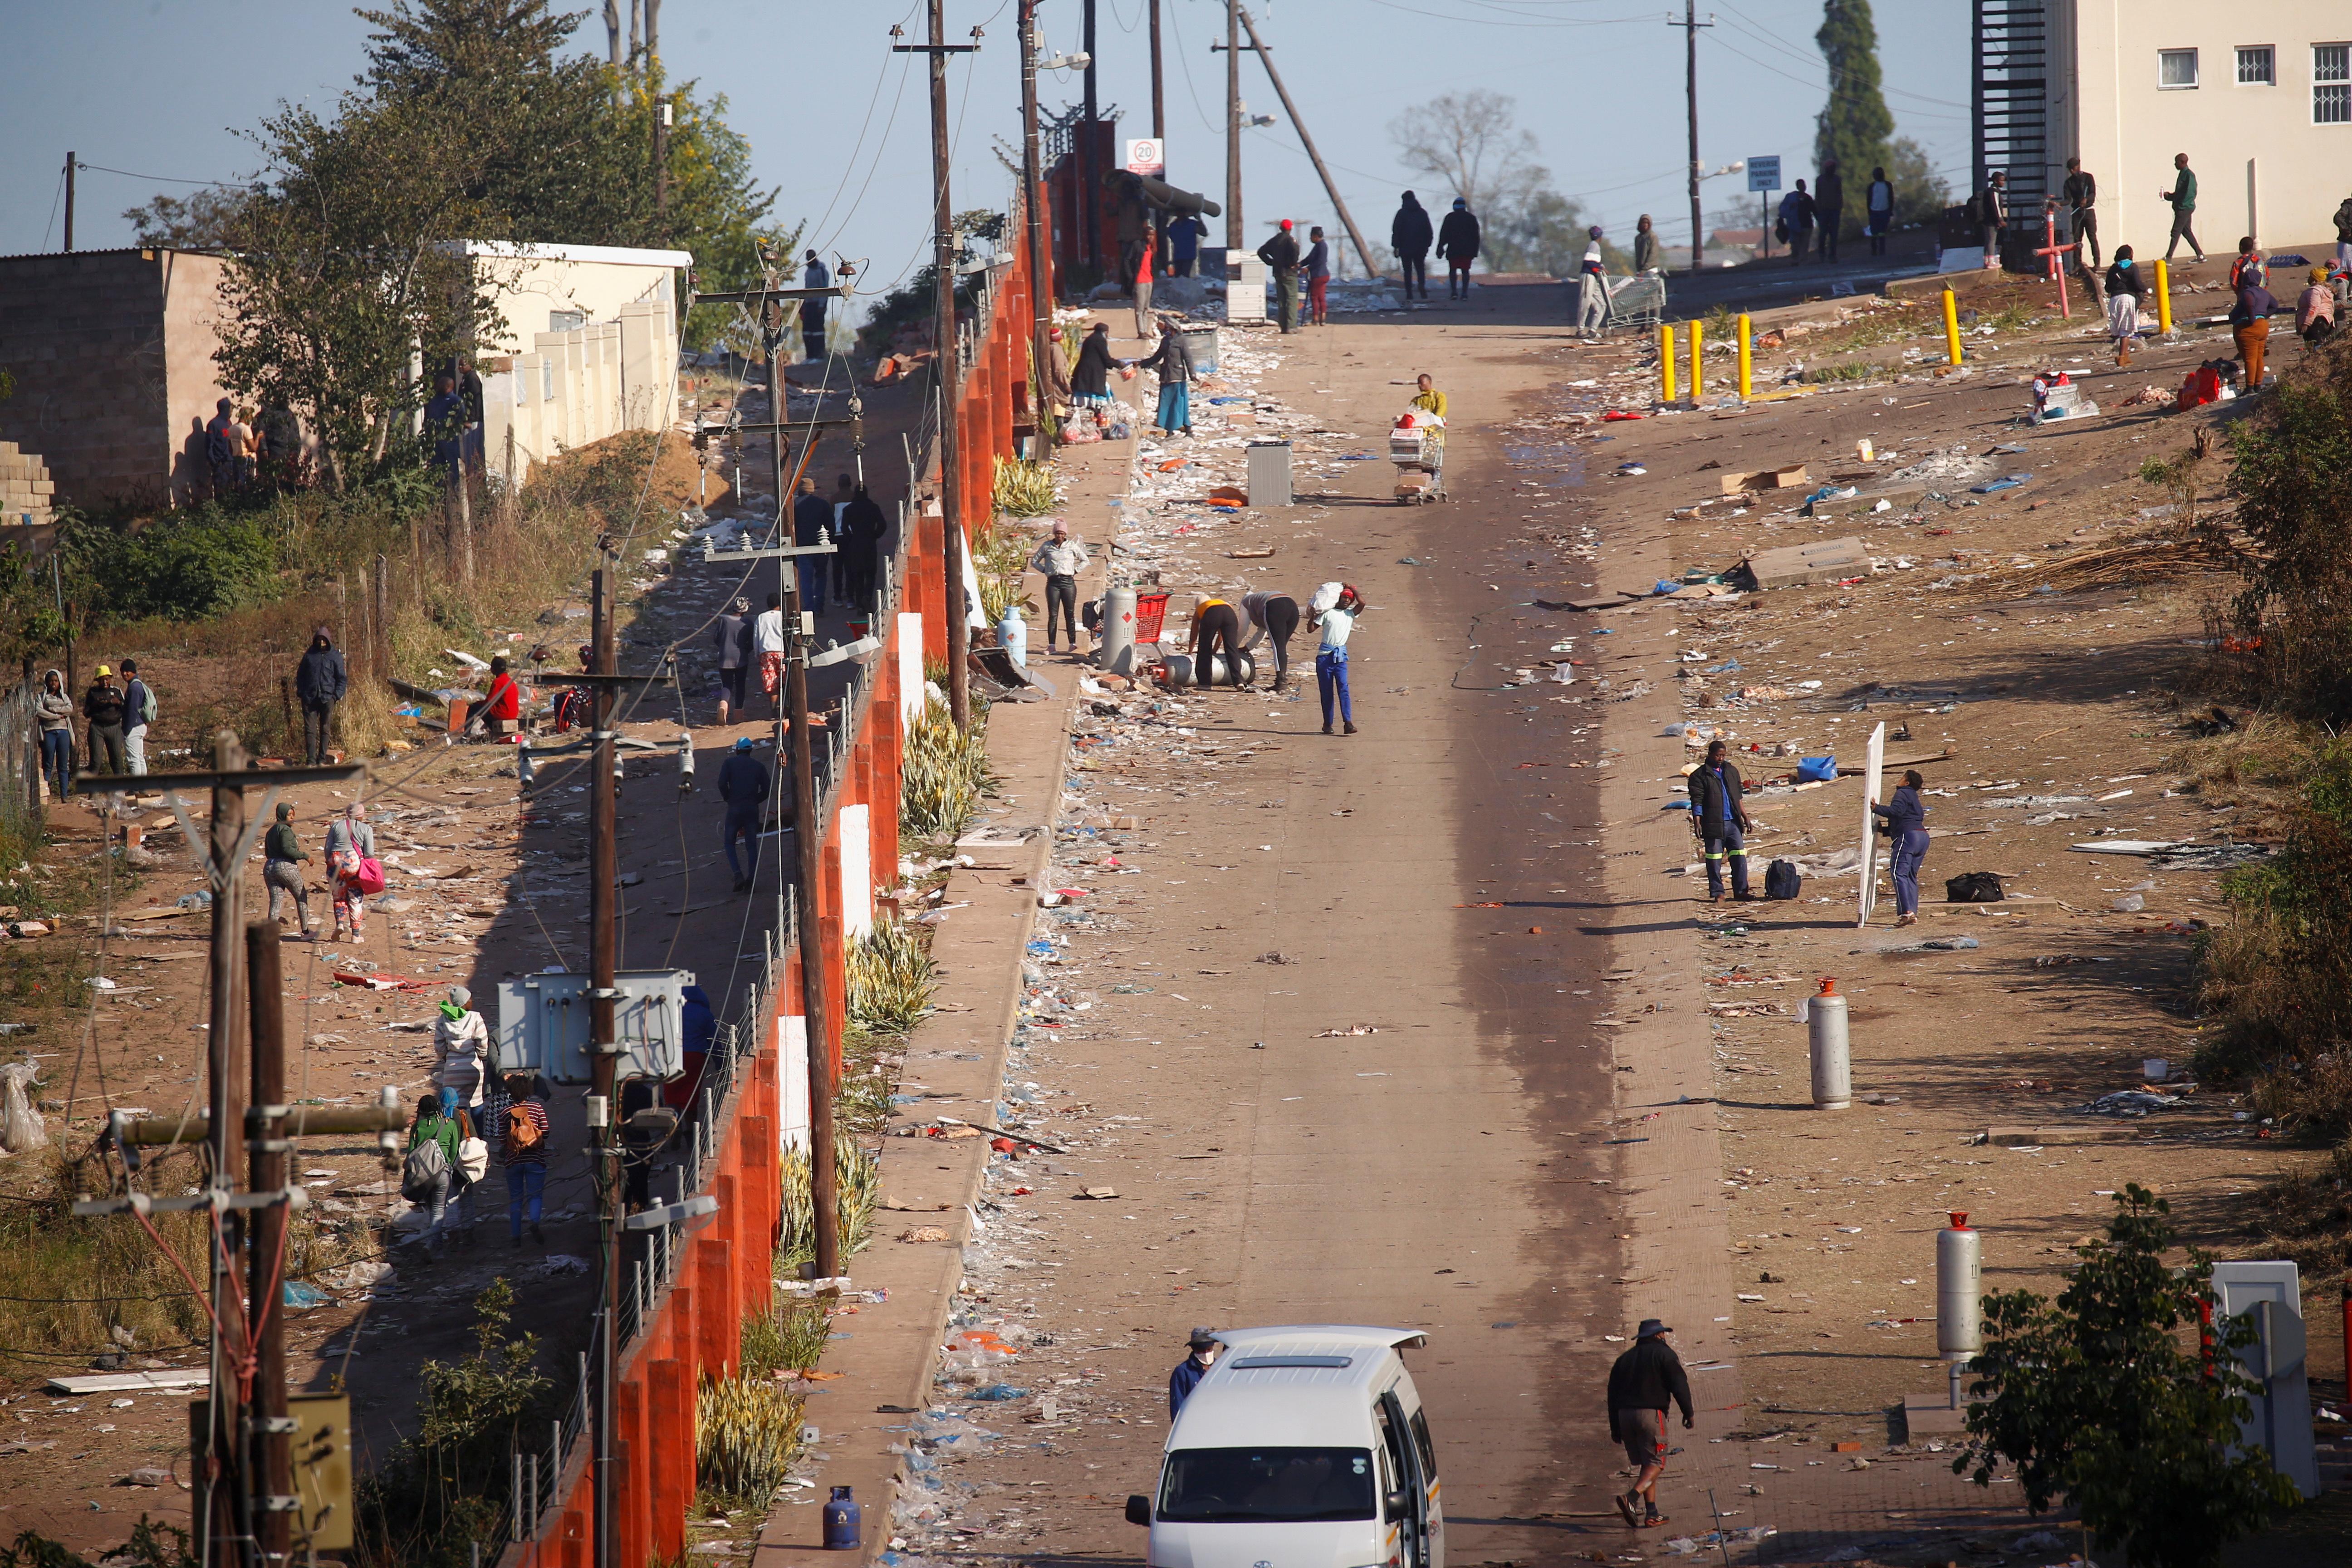 Ogólny widok ulicy po wybuchu przemocy po uwięzieniu byłego prezydenta RPA Jacoba Zumy w Hillcrest w RPA, 14 lipca 2021 r. REUTERS / Rogan Ward